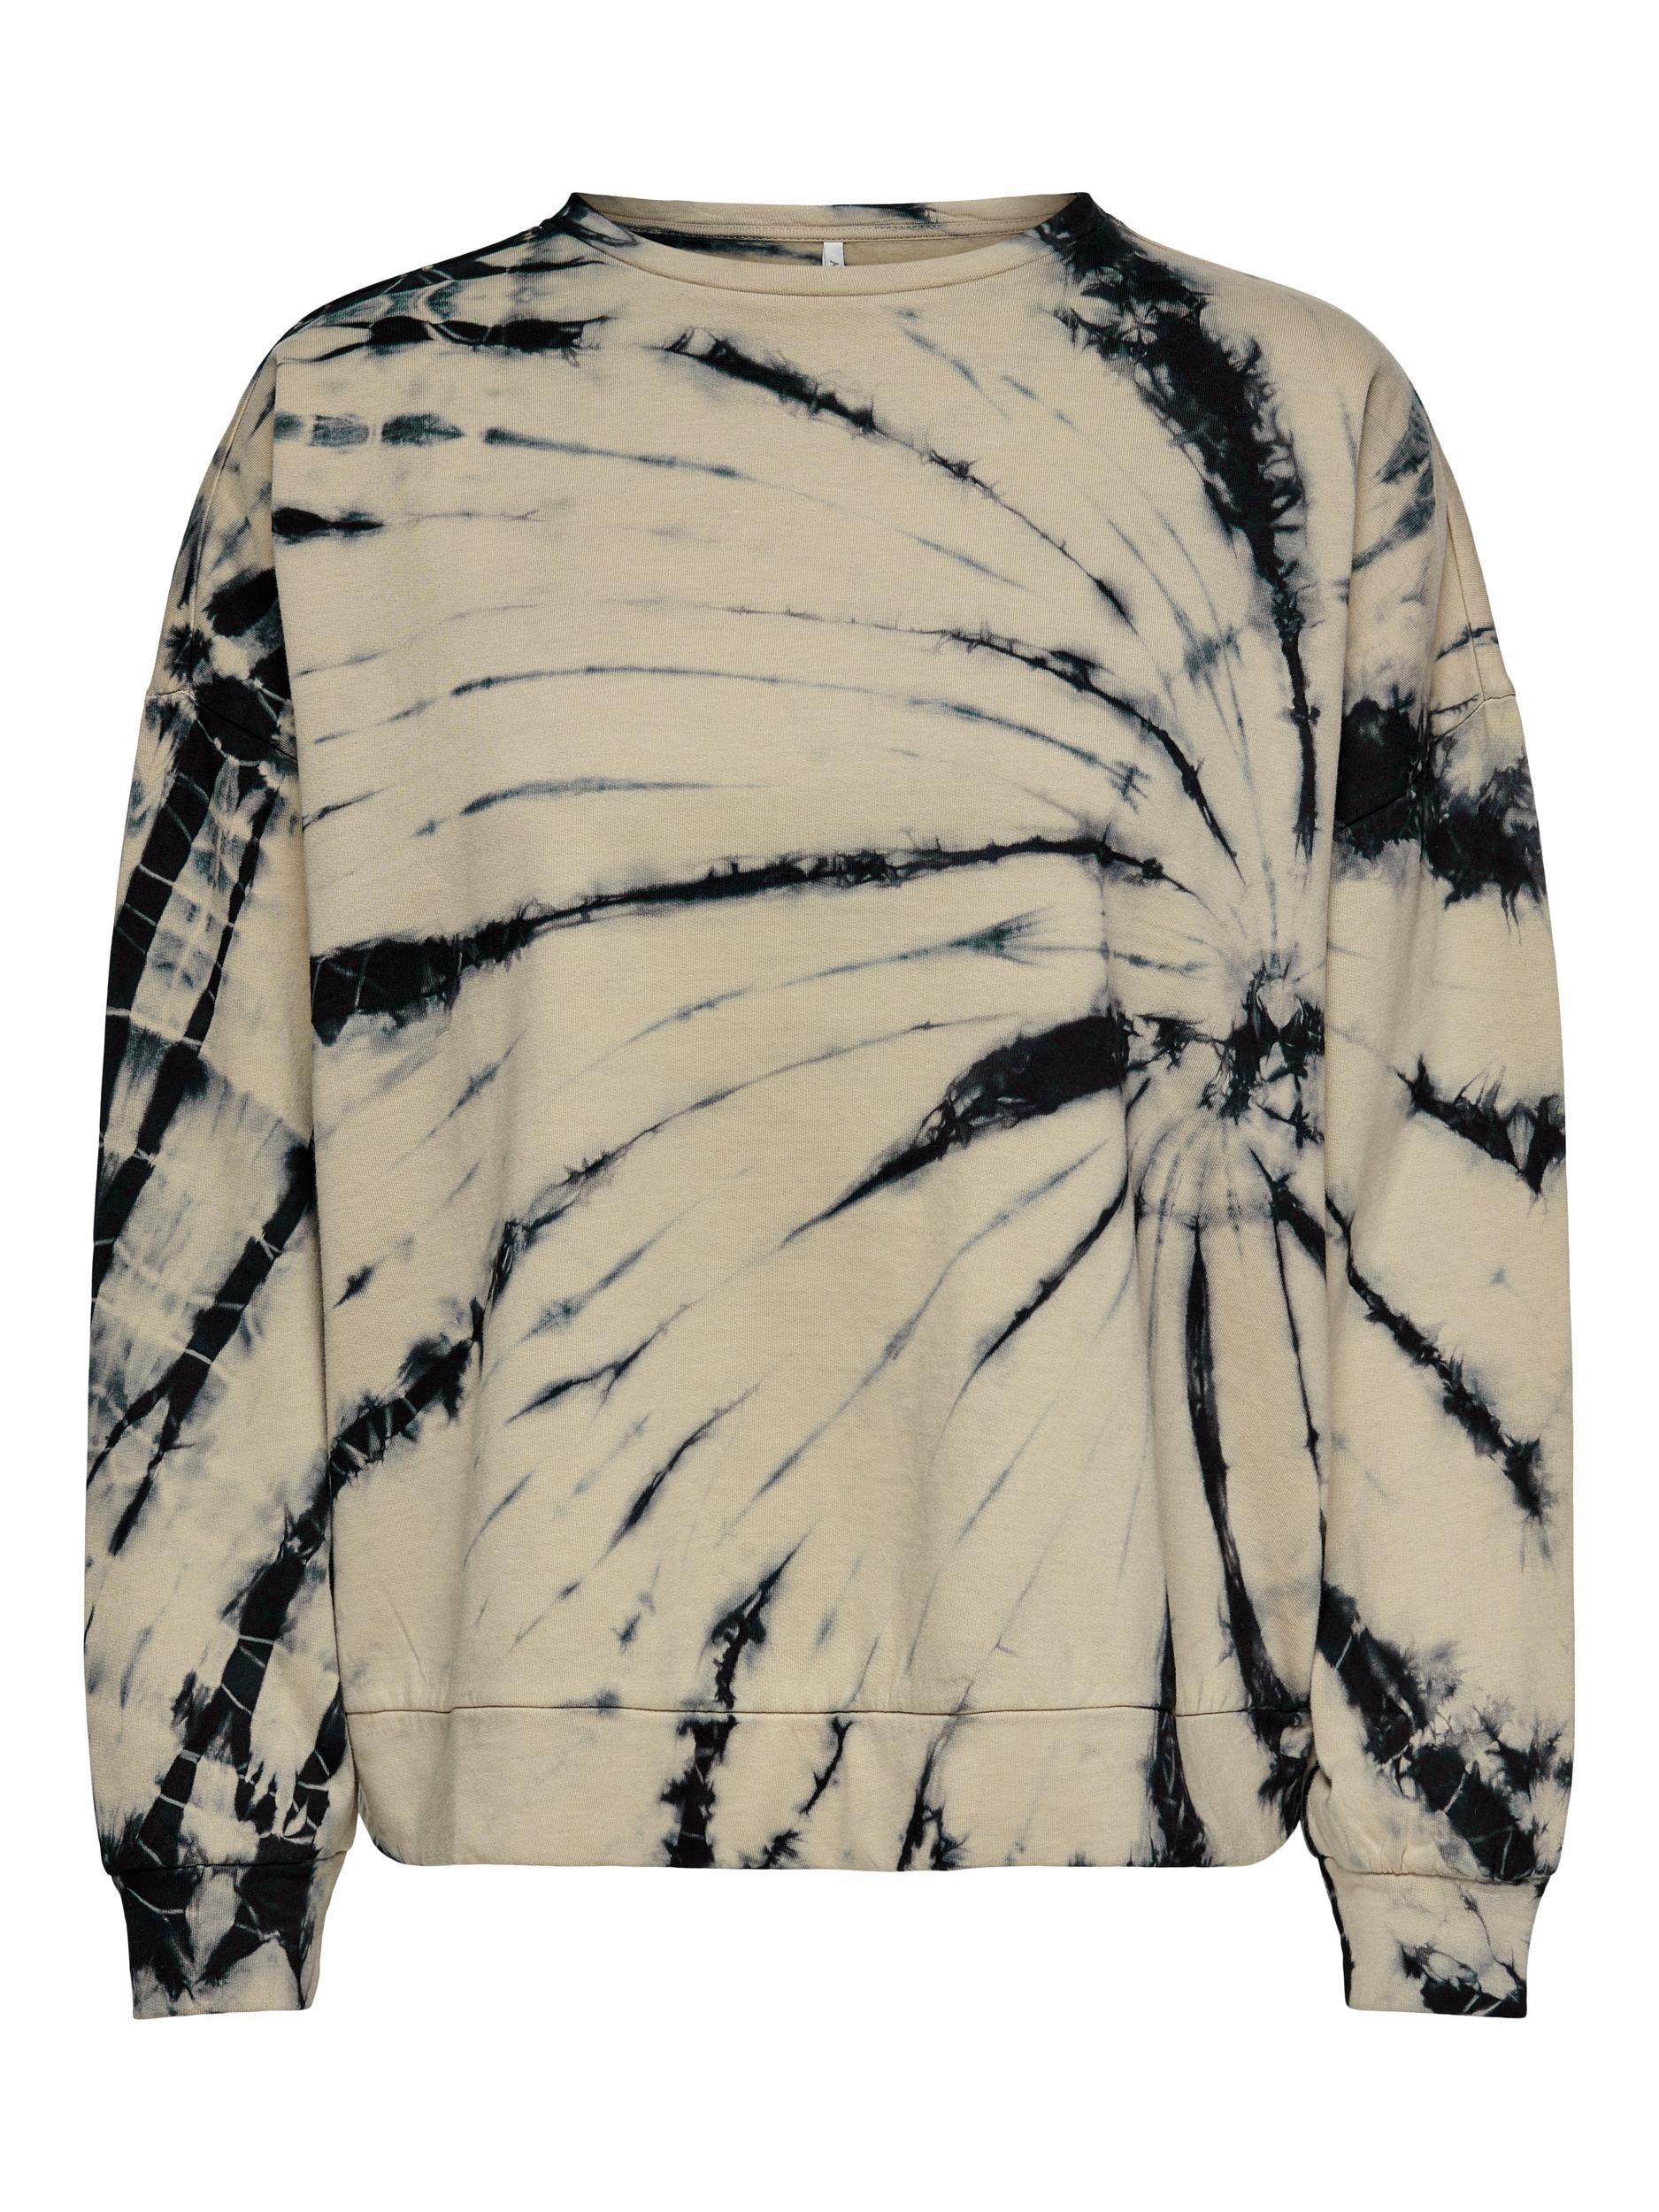 ONLY Veneda Sweatshirt, Sort, S